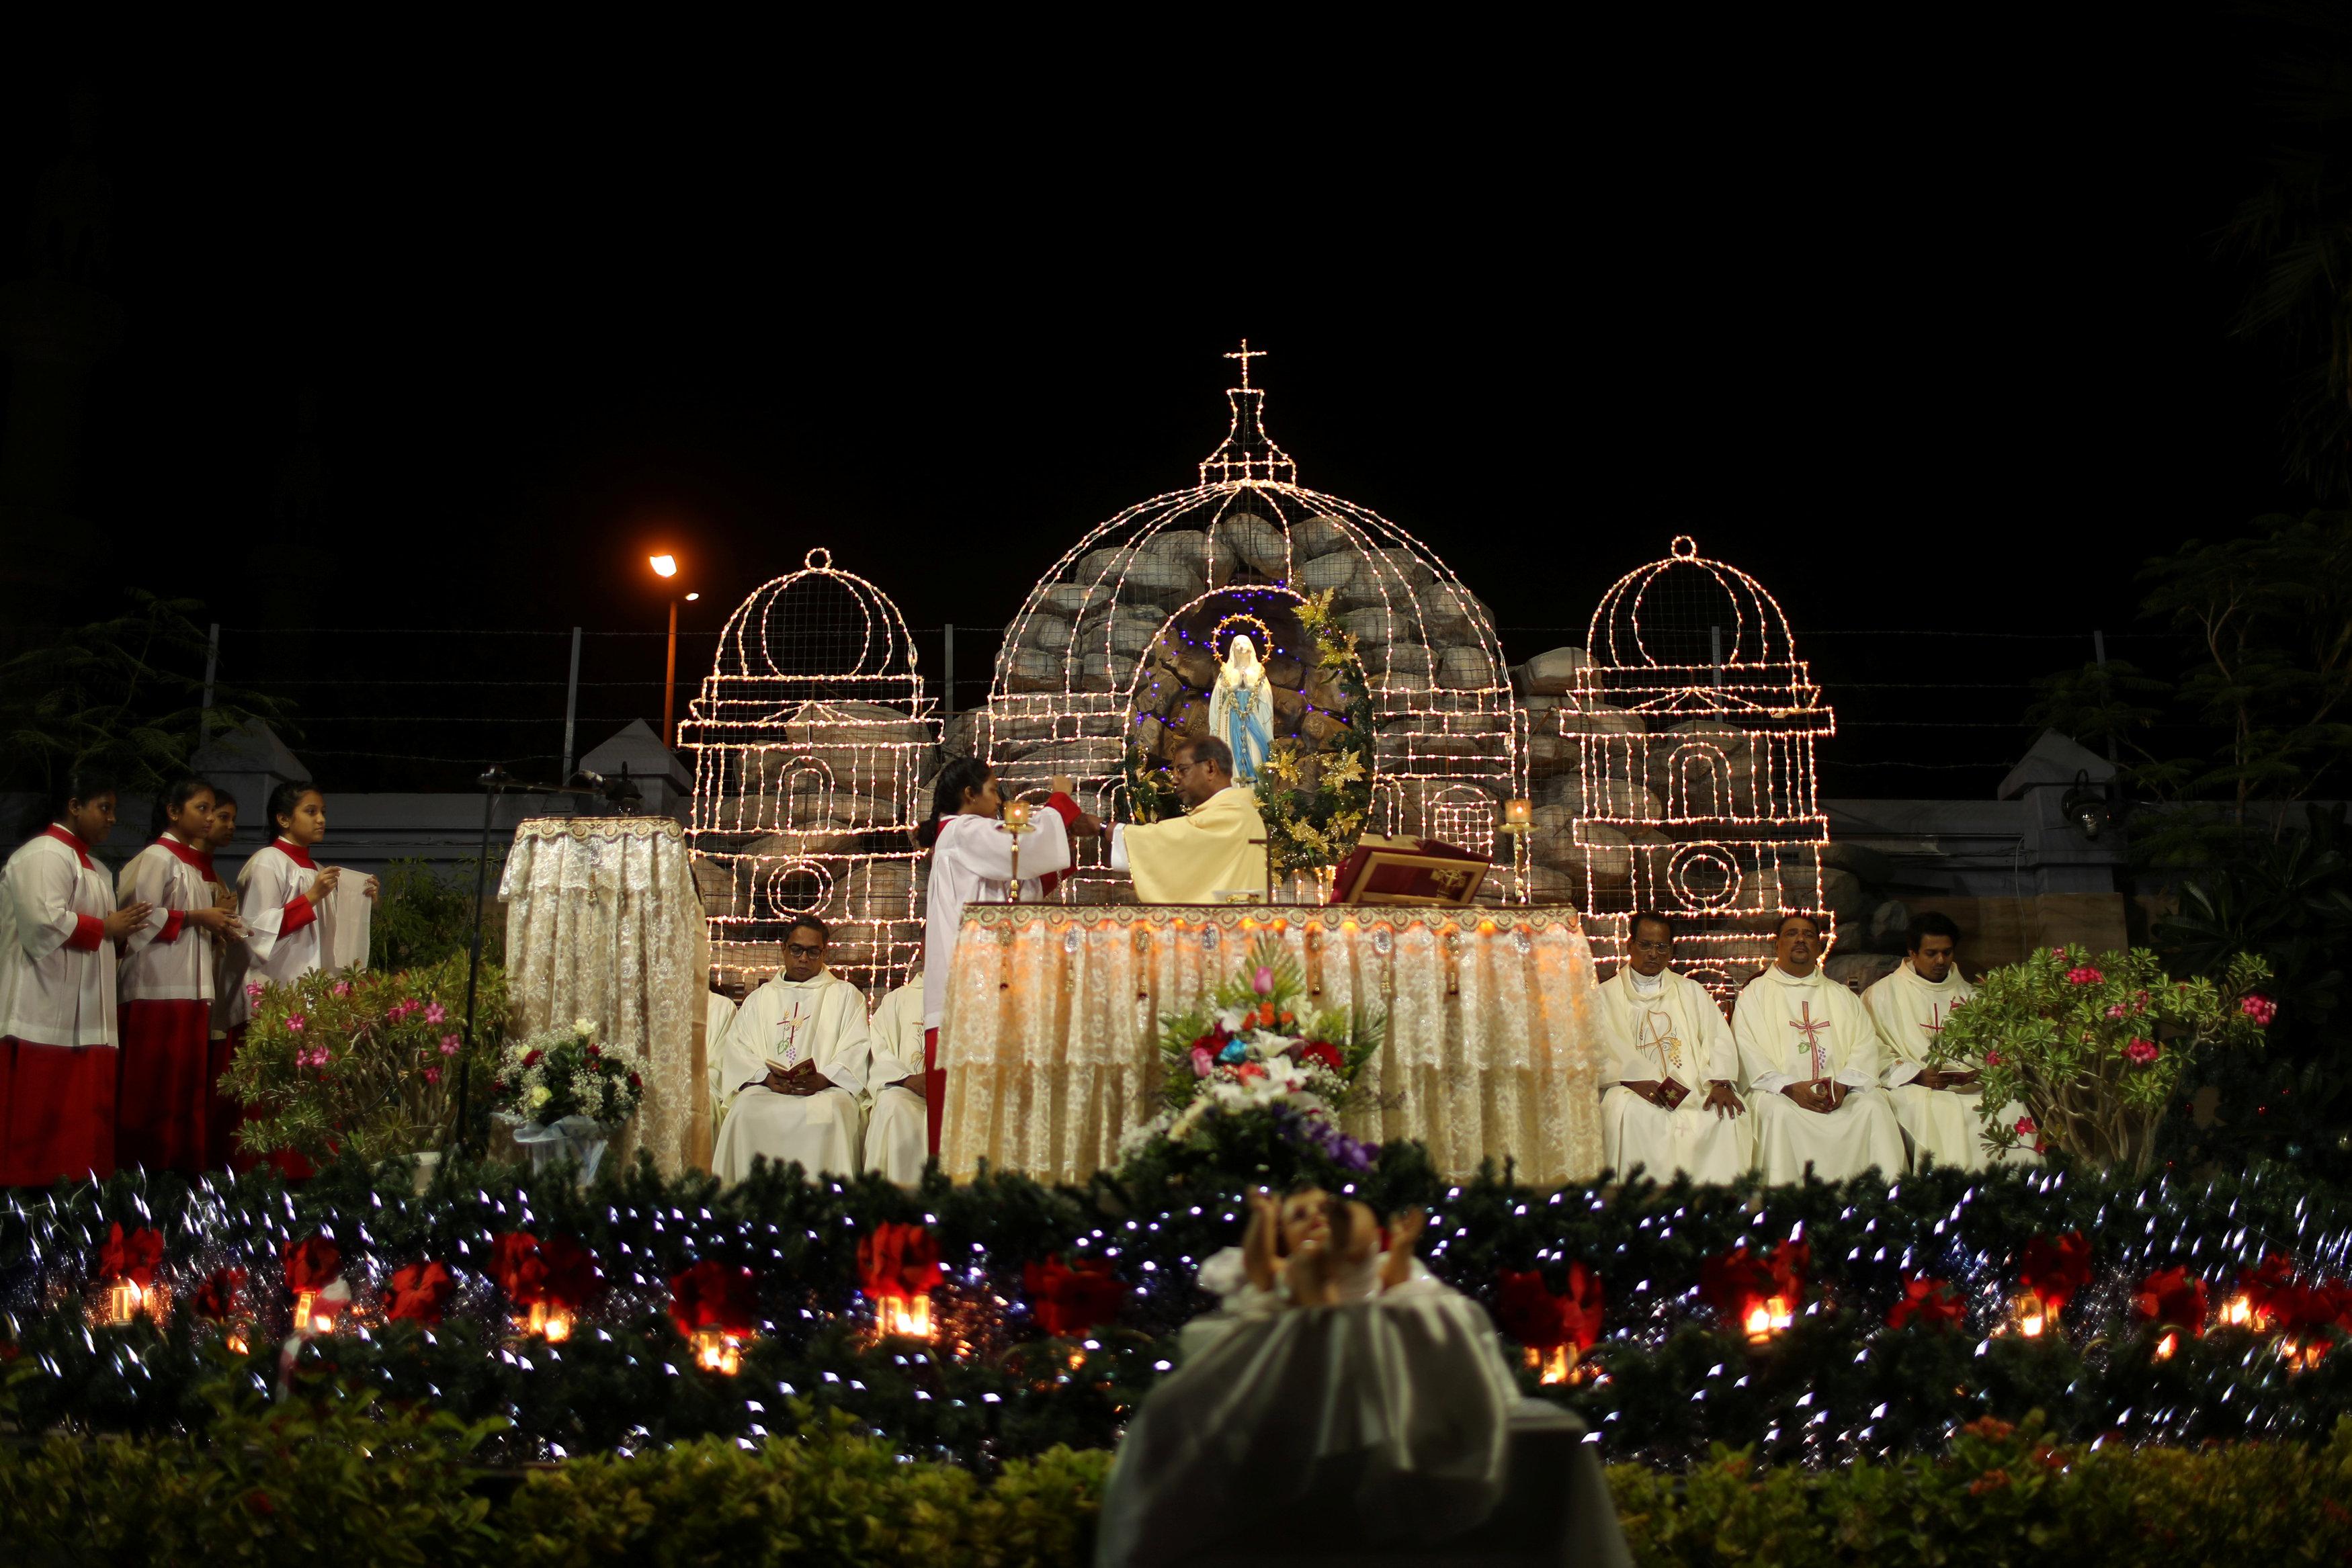 احتفالات المسيحين فى كنيسة سانت ماريا بالإمارات